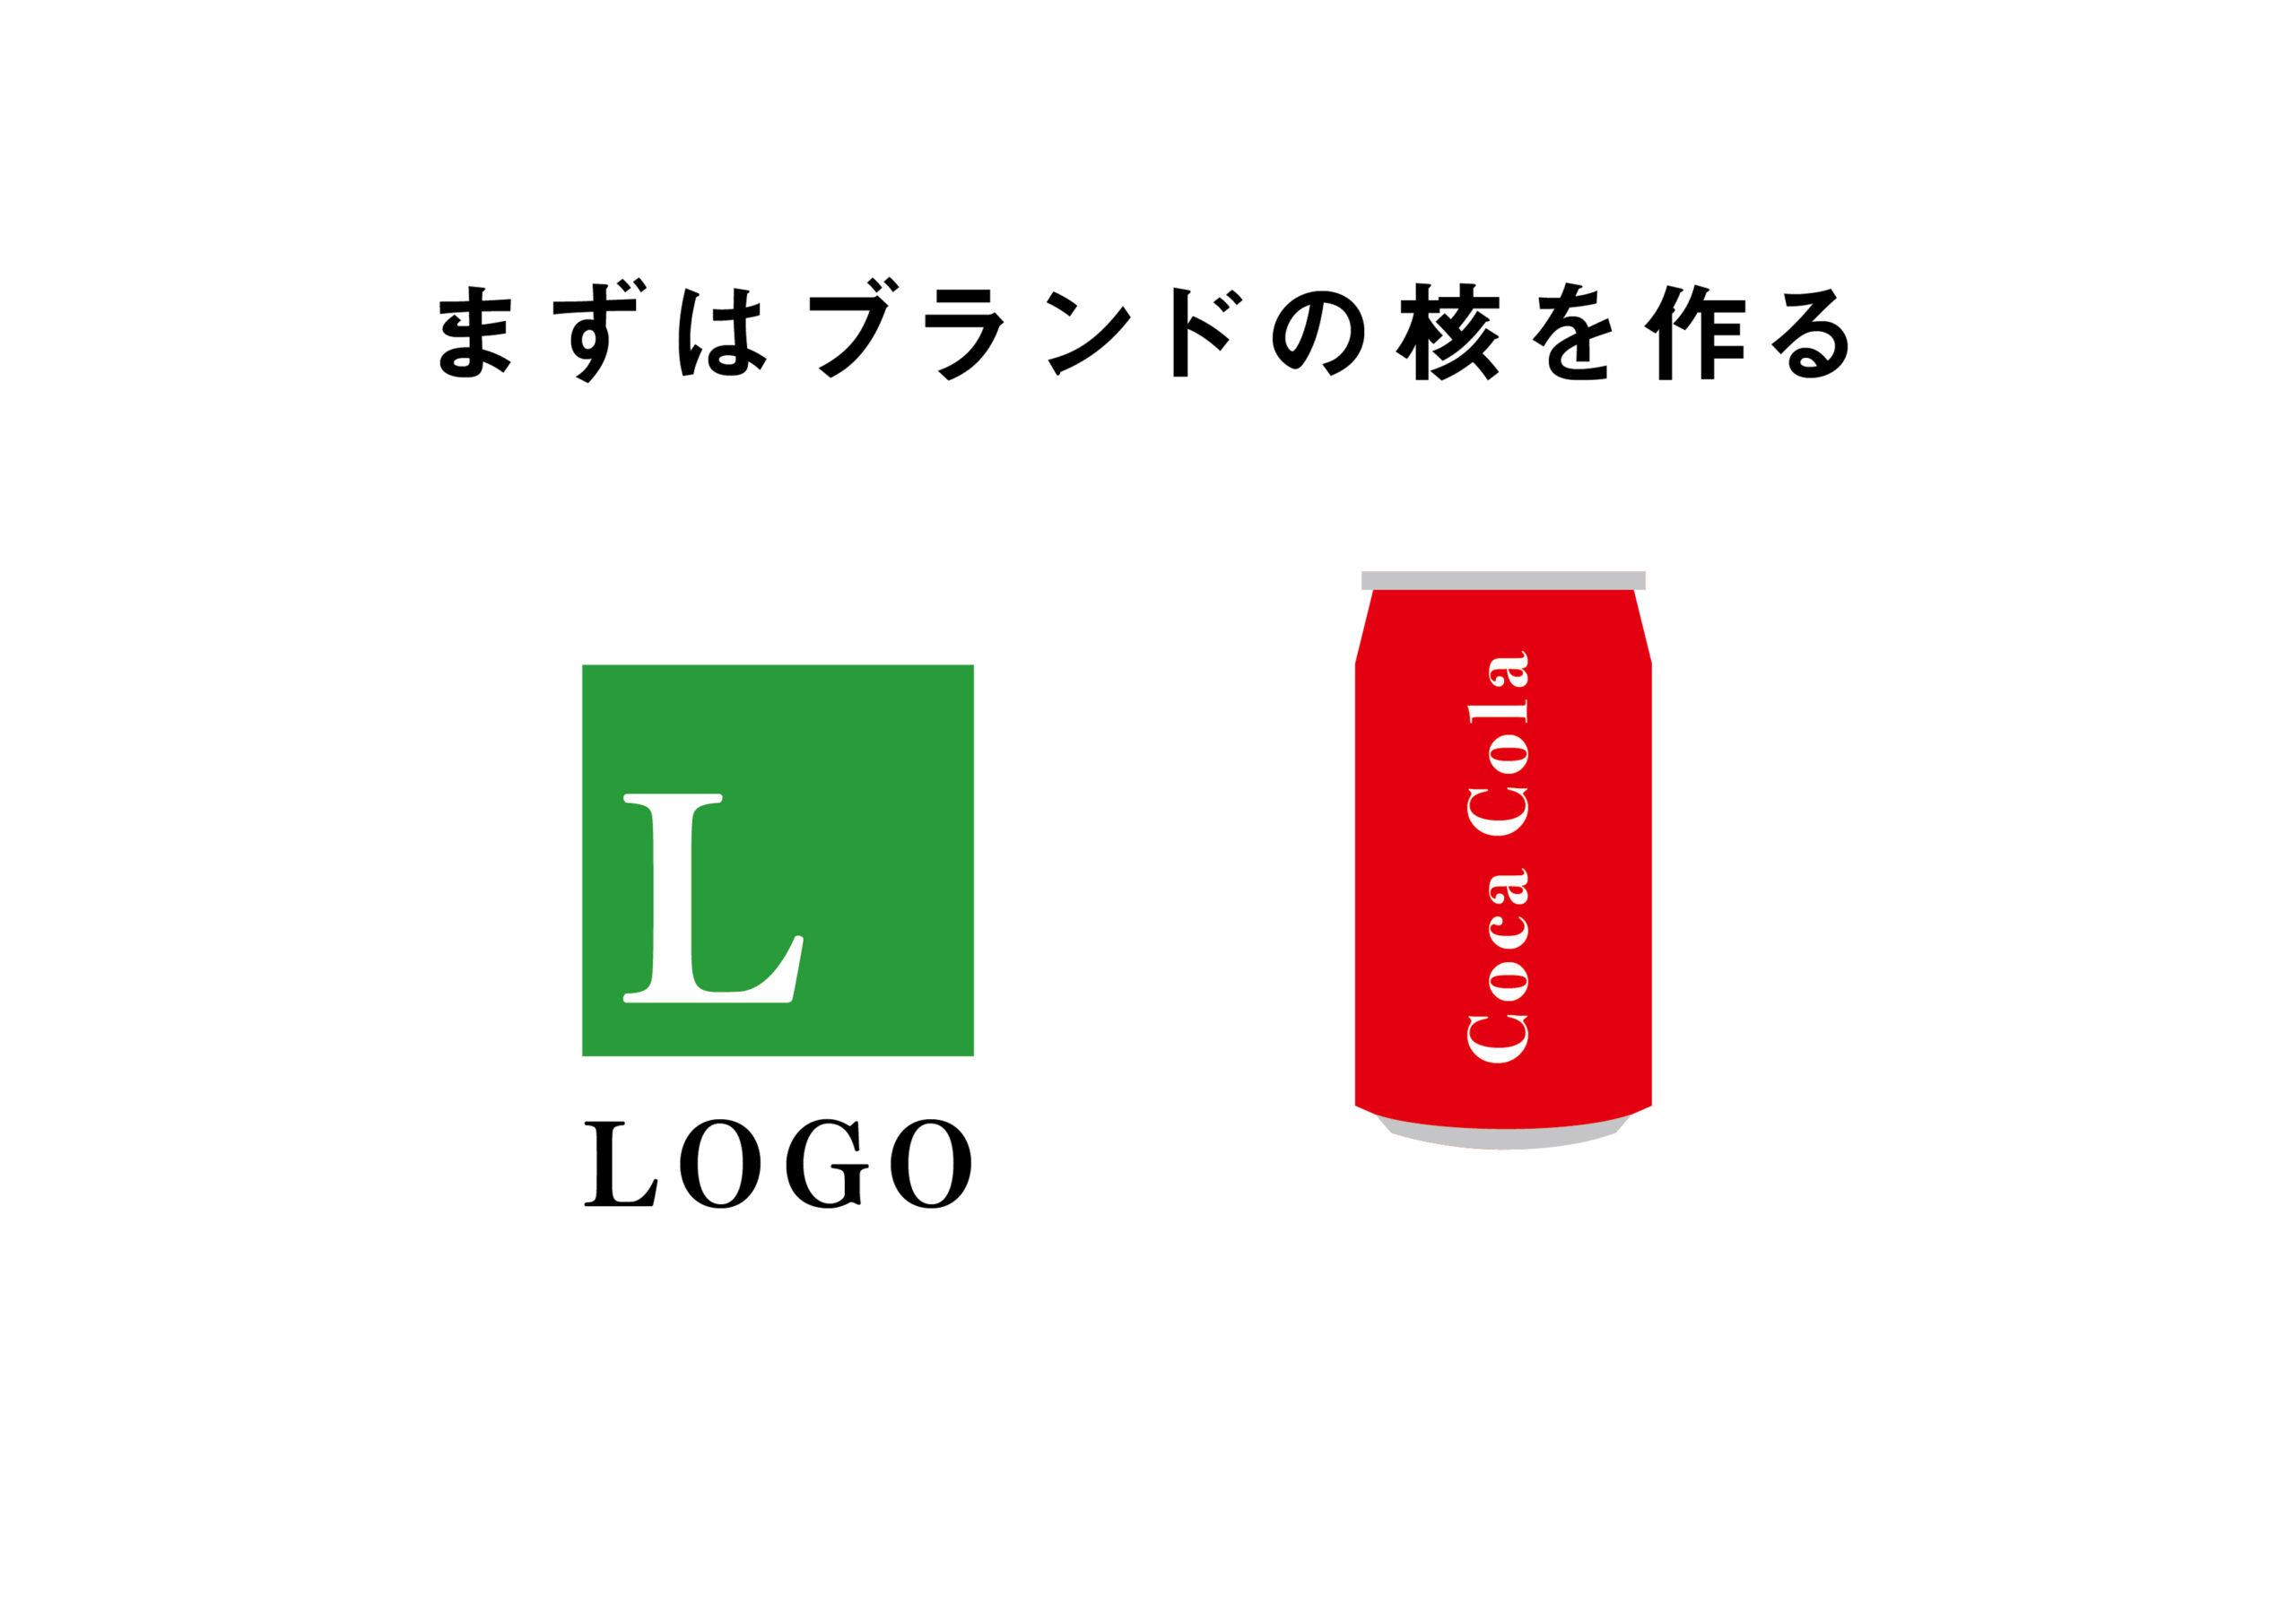 ブランドの核を作る